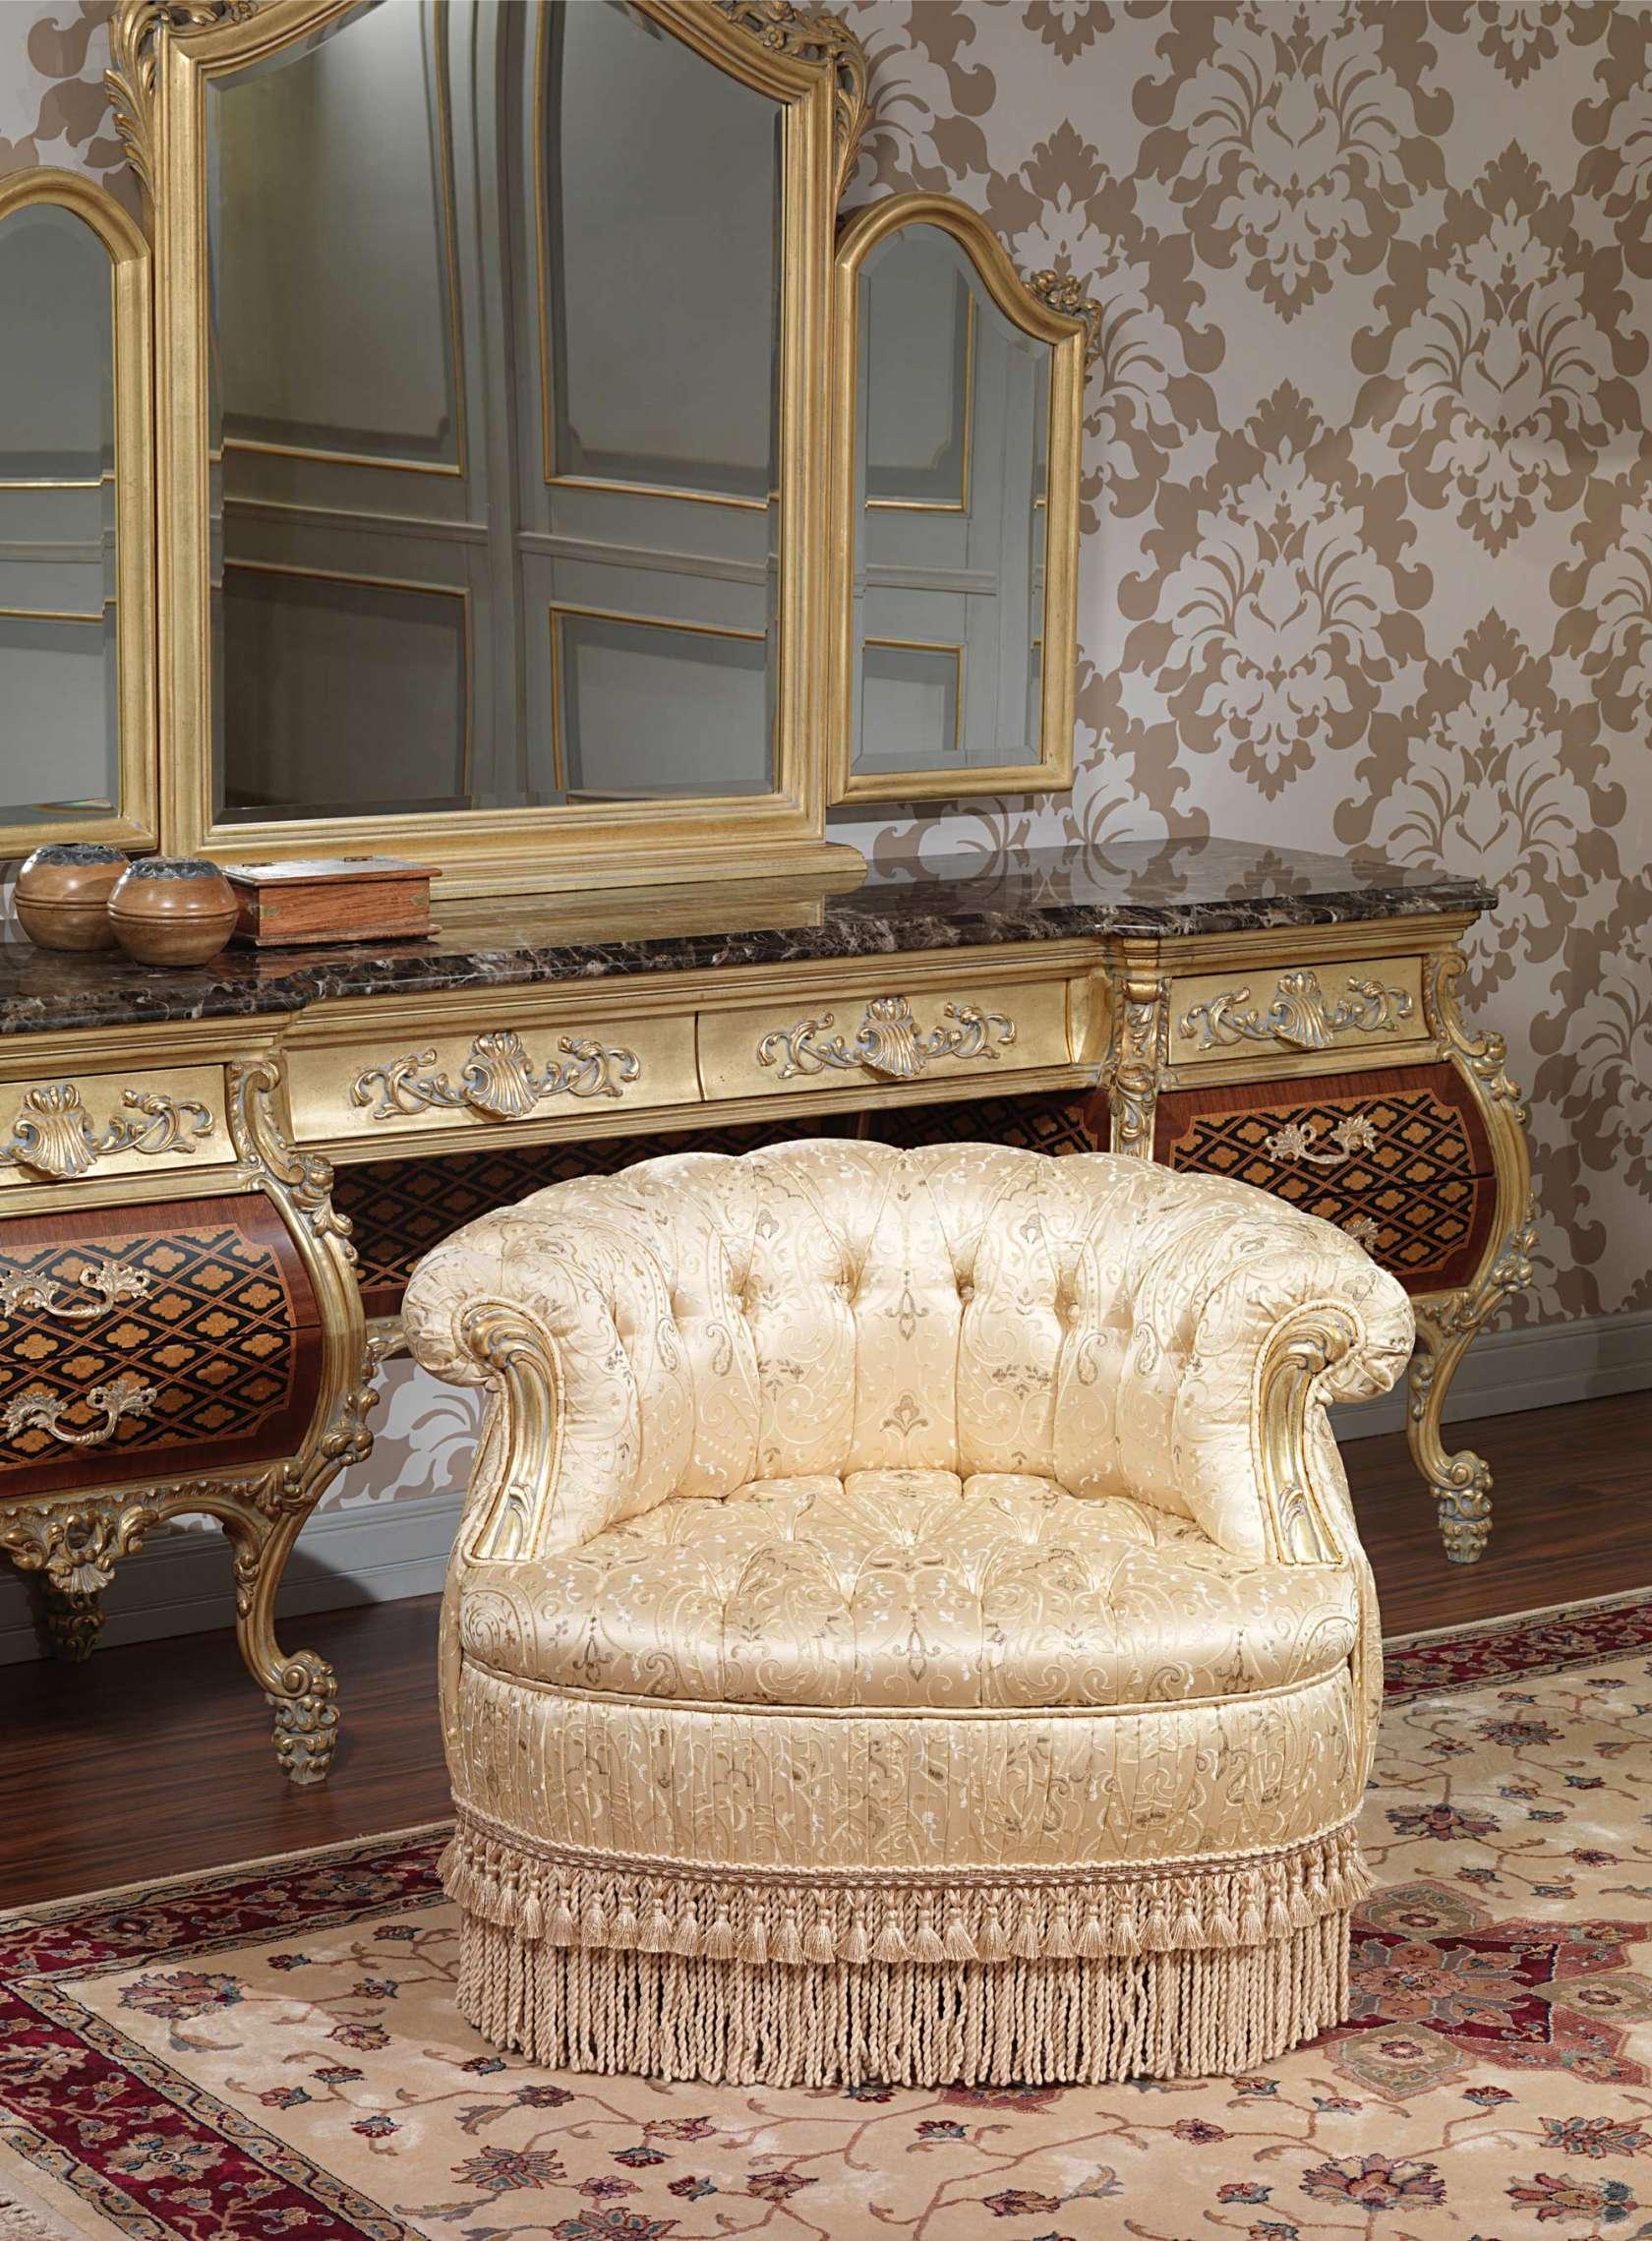 Poltrona per camera di lusso art 2011 vimercati meda for Poltrona classica camera da letto